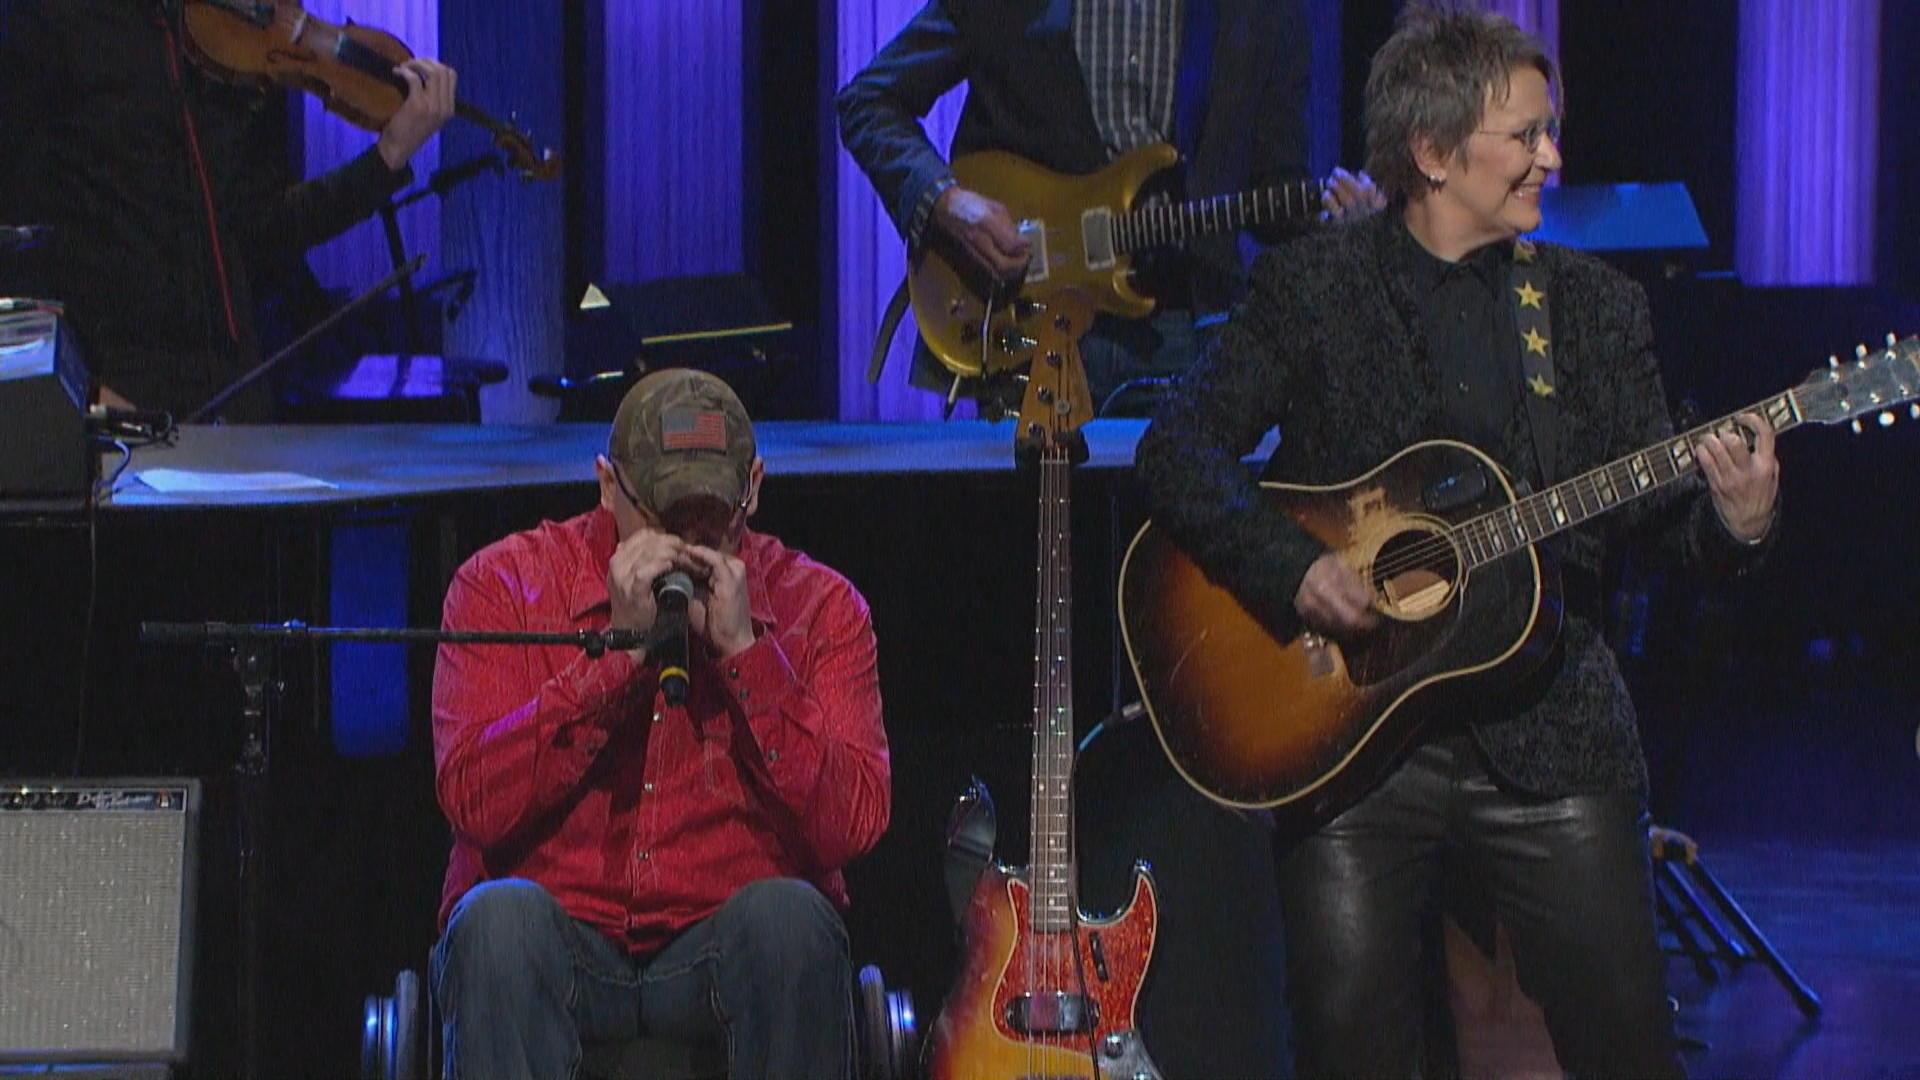 Healing the emotional wounds of war through song - CBS News